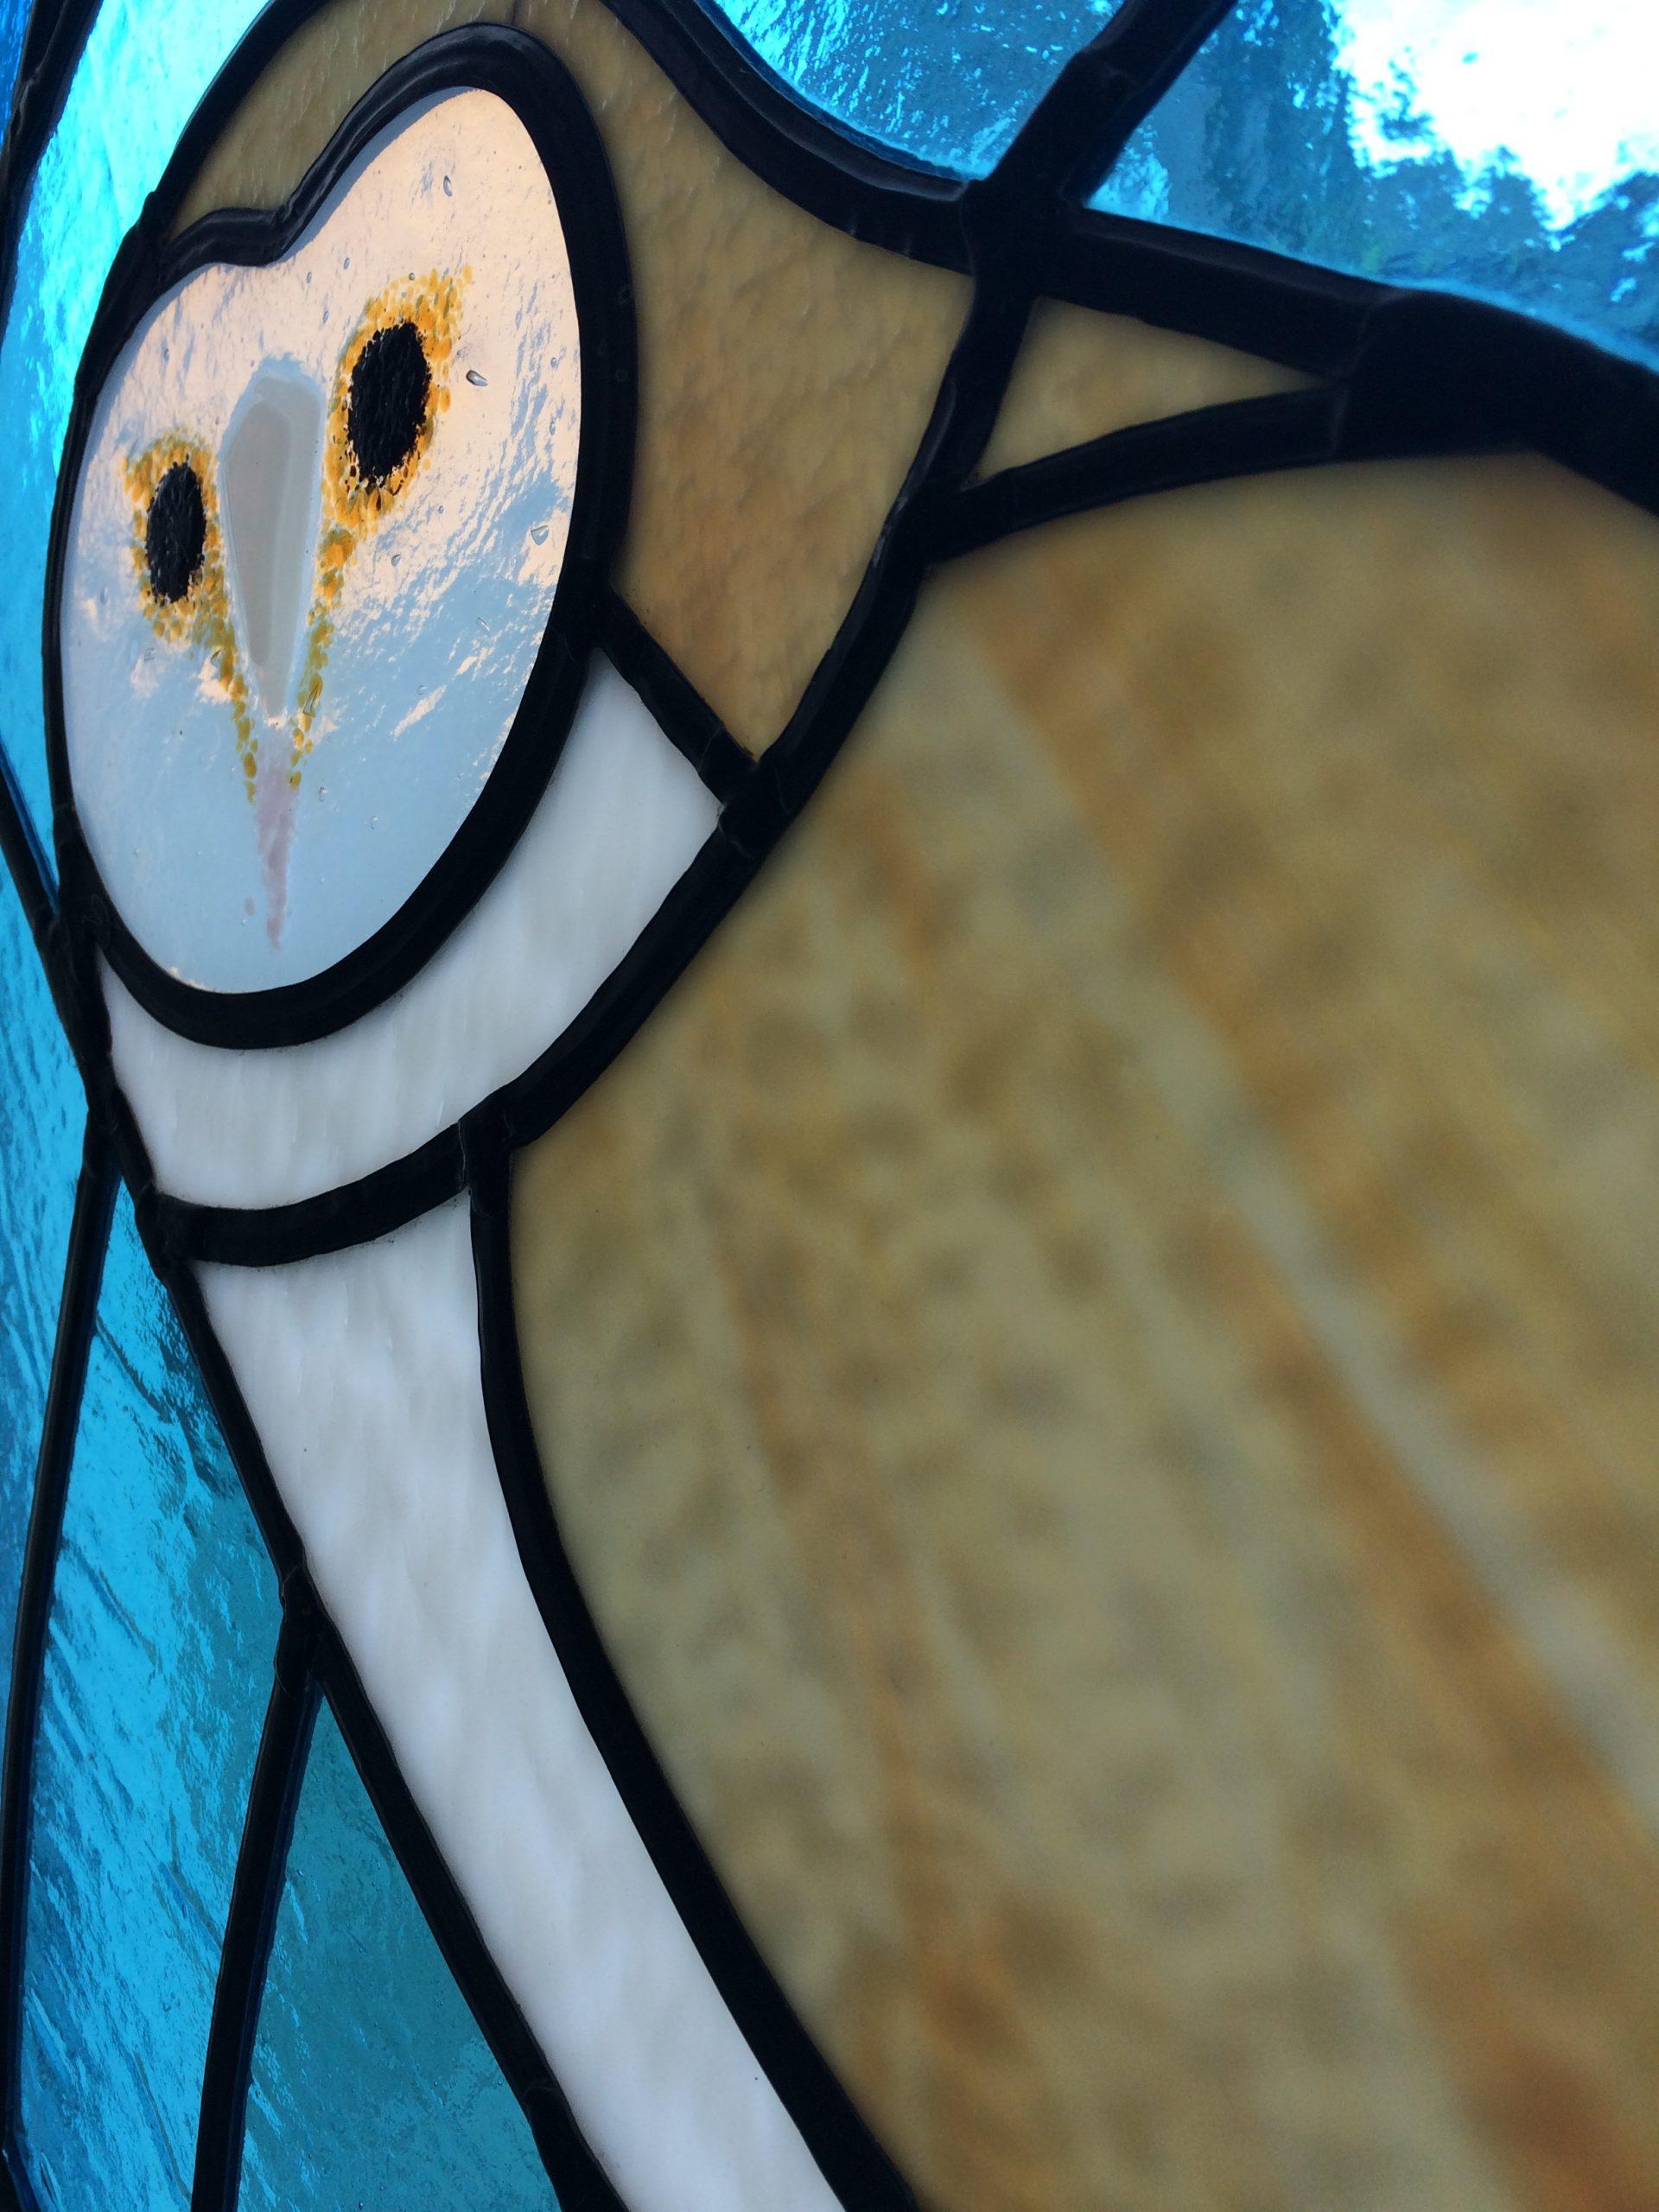 Kerkuil detail hoofd